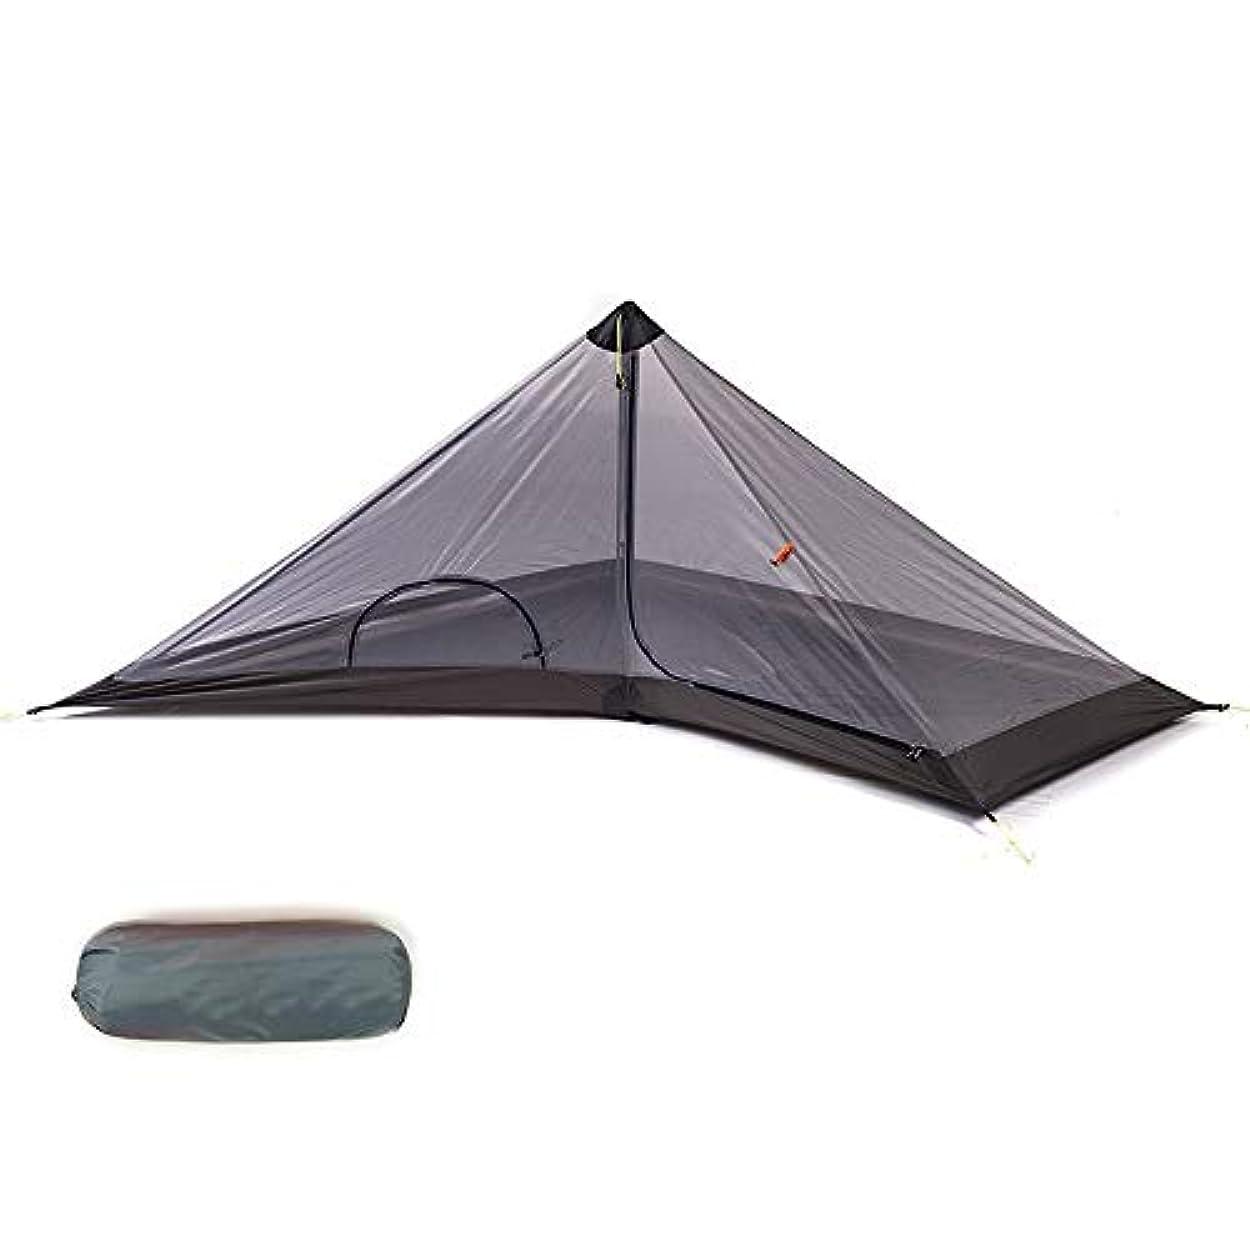 ビット透過性要旨YLY テント 二層構造 キャンプ 高通気性 折りたたみ 紫外線カット アウトドア 1人用 (Color : オレンジ, Size : 内層)